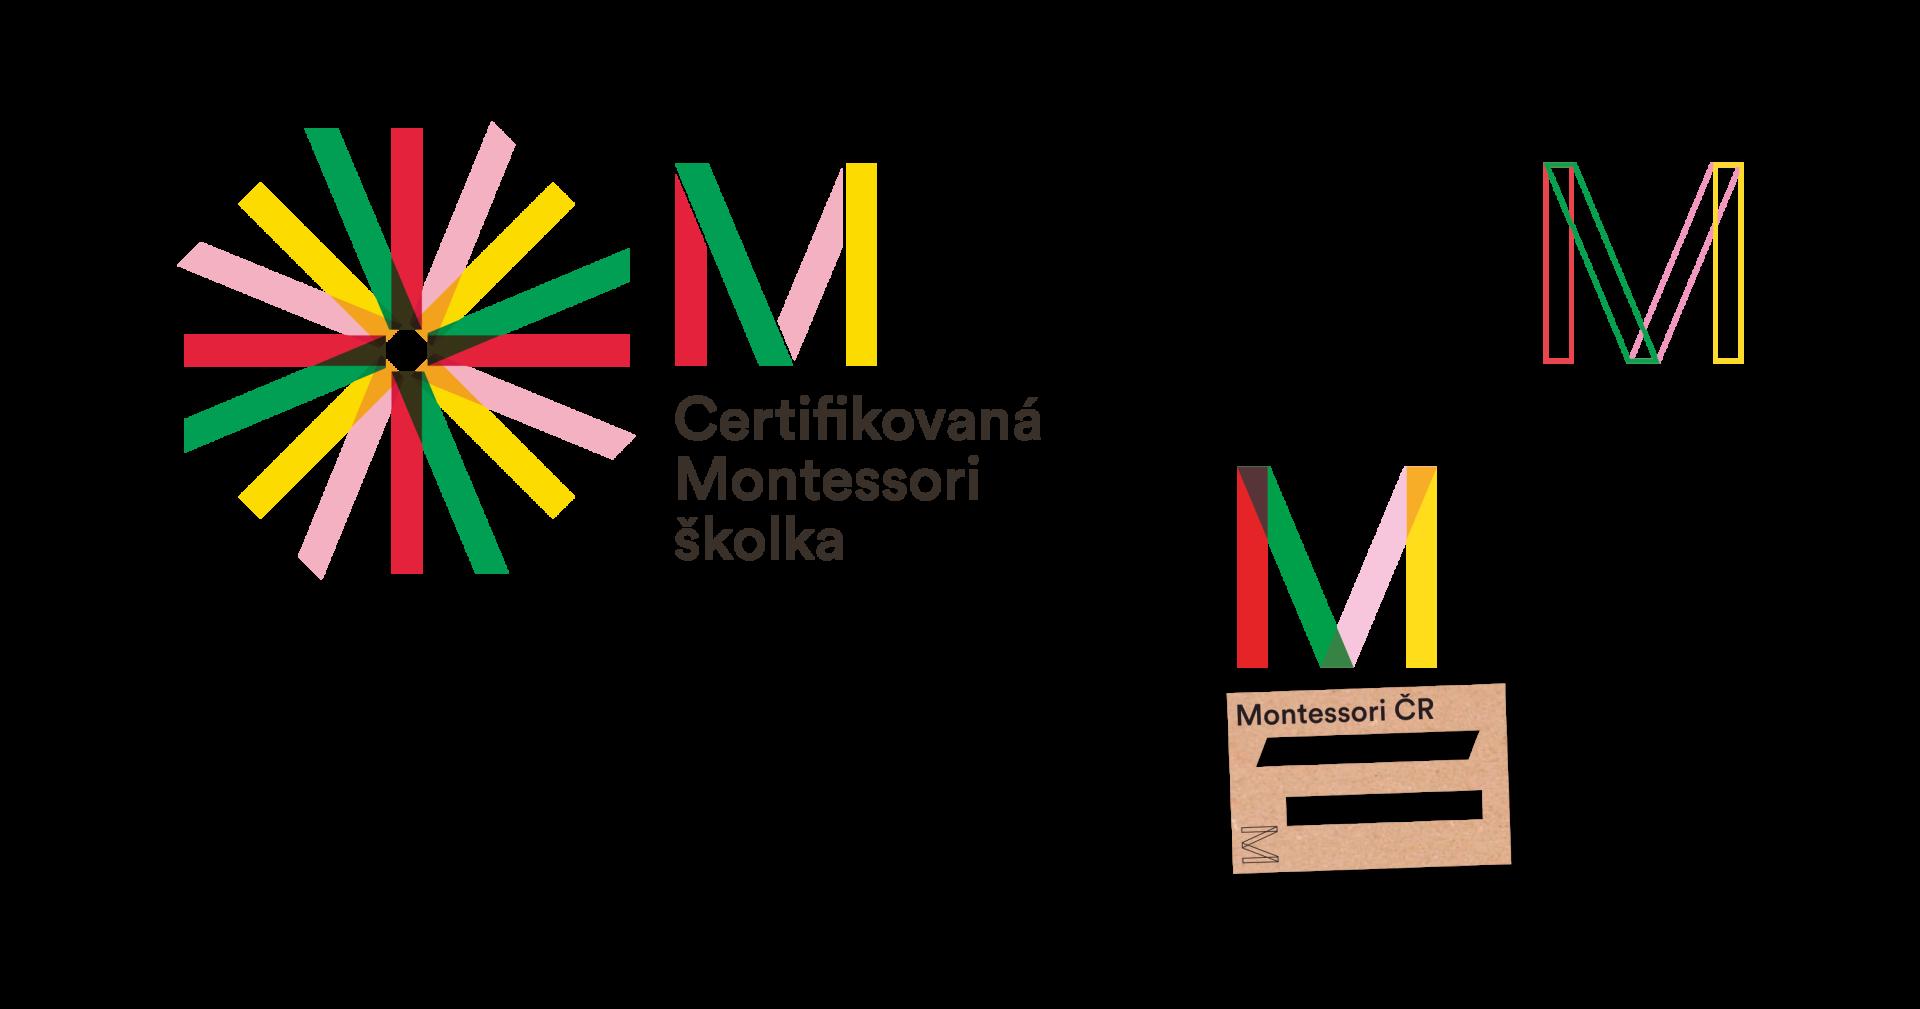 Ondřej Klos Office Montessori ČR